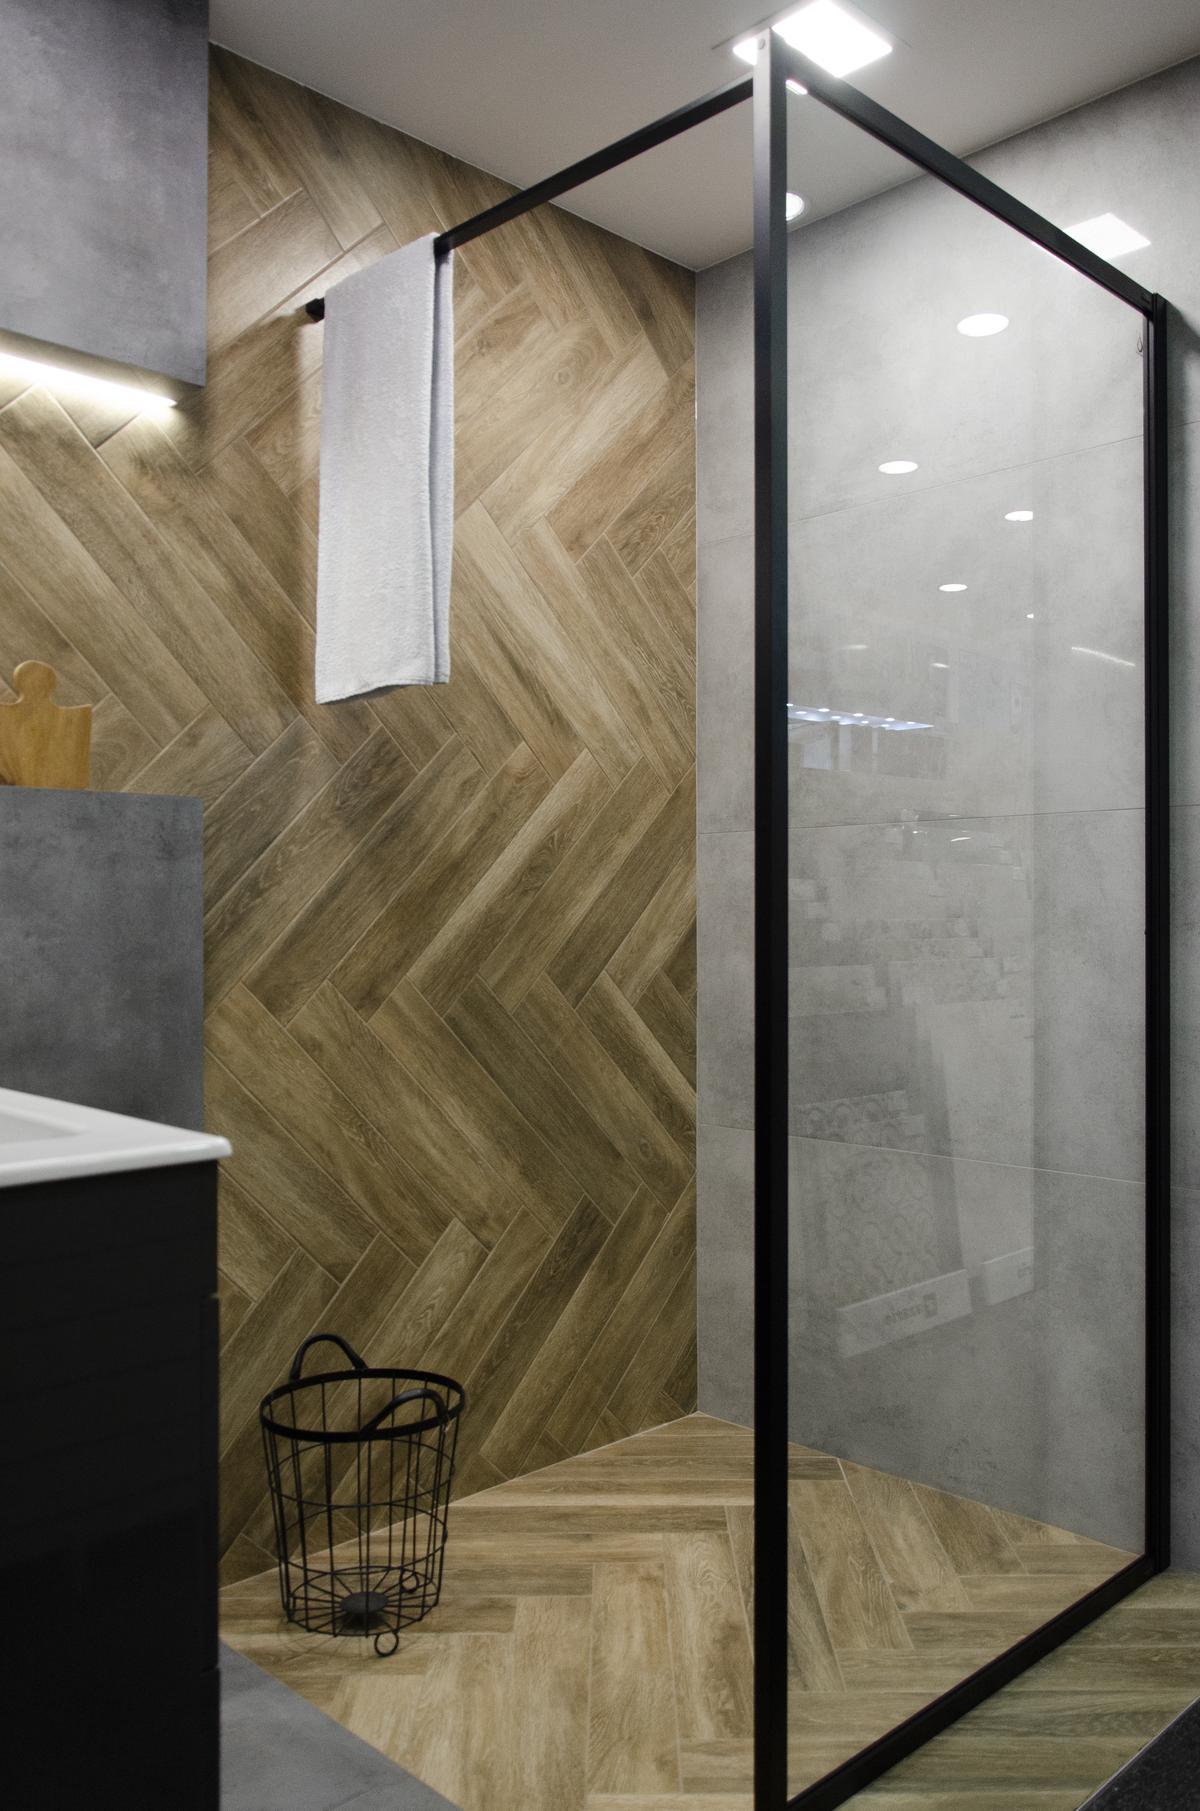 Aranżacja industrialnej łazienki z płytką ułożoną w jodełkę - zdjęcie od BLU salon łazienek Koszalin